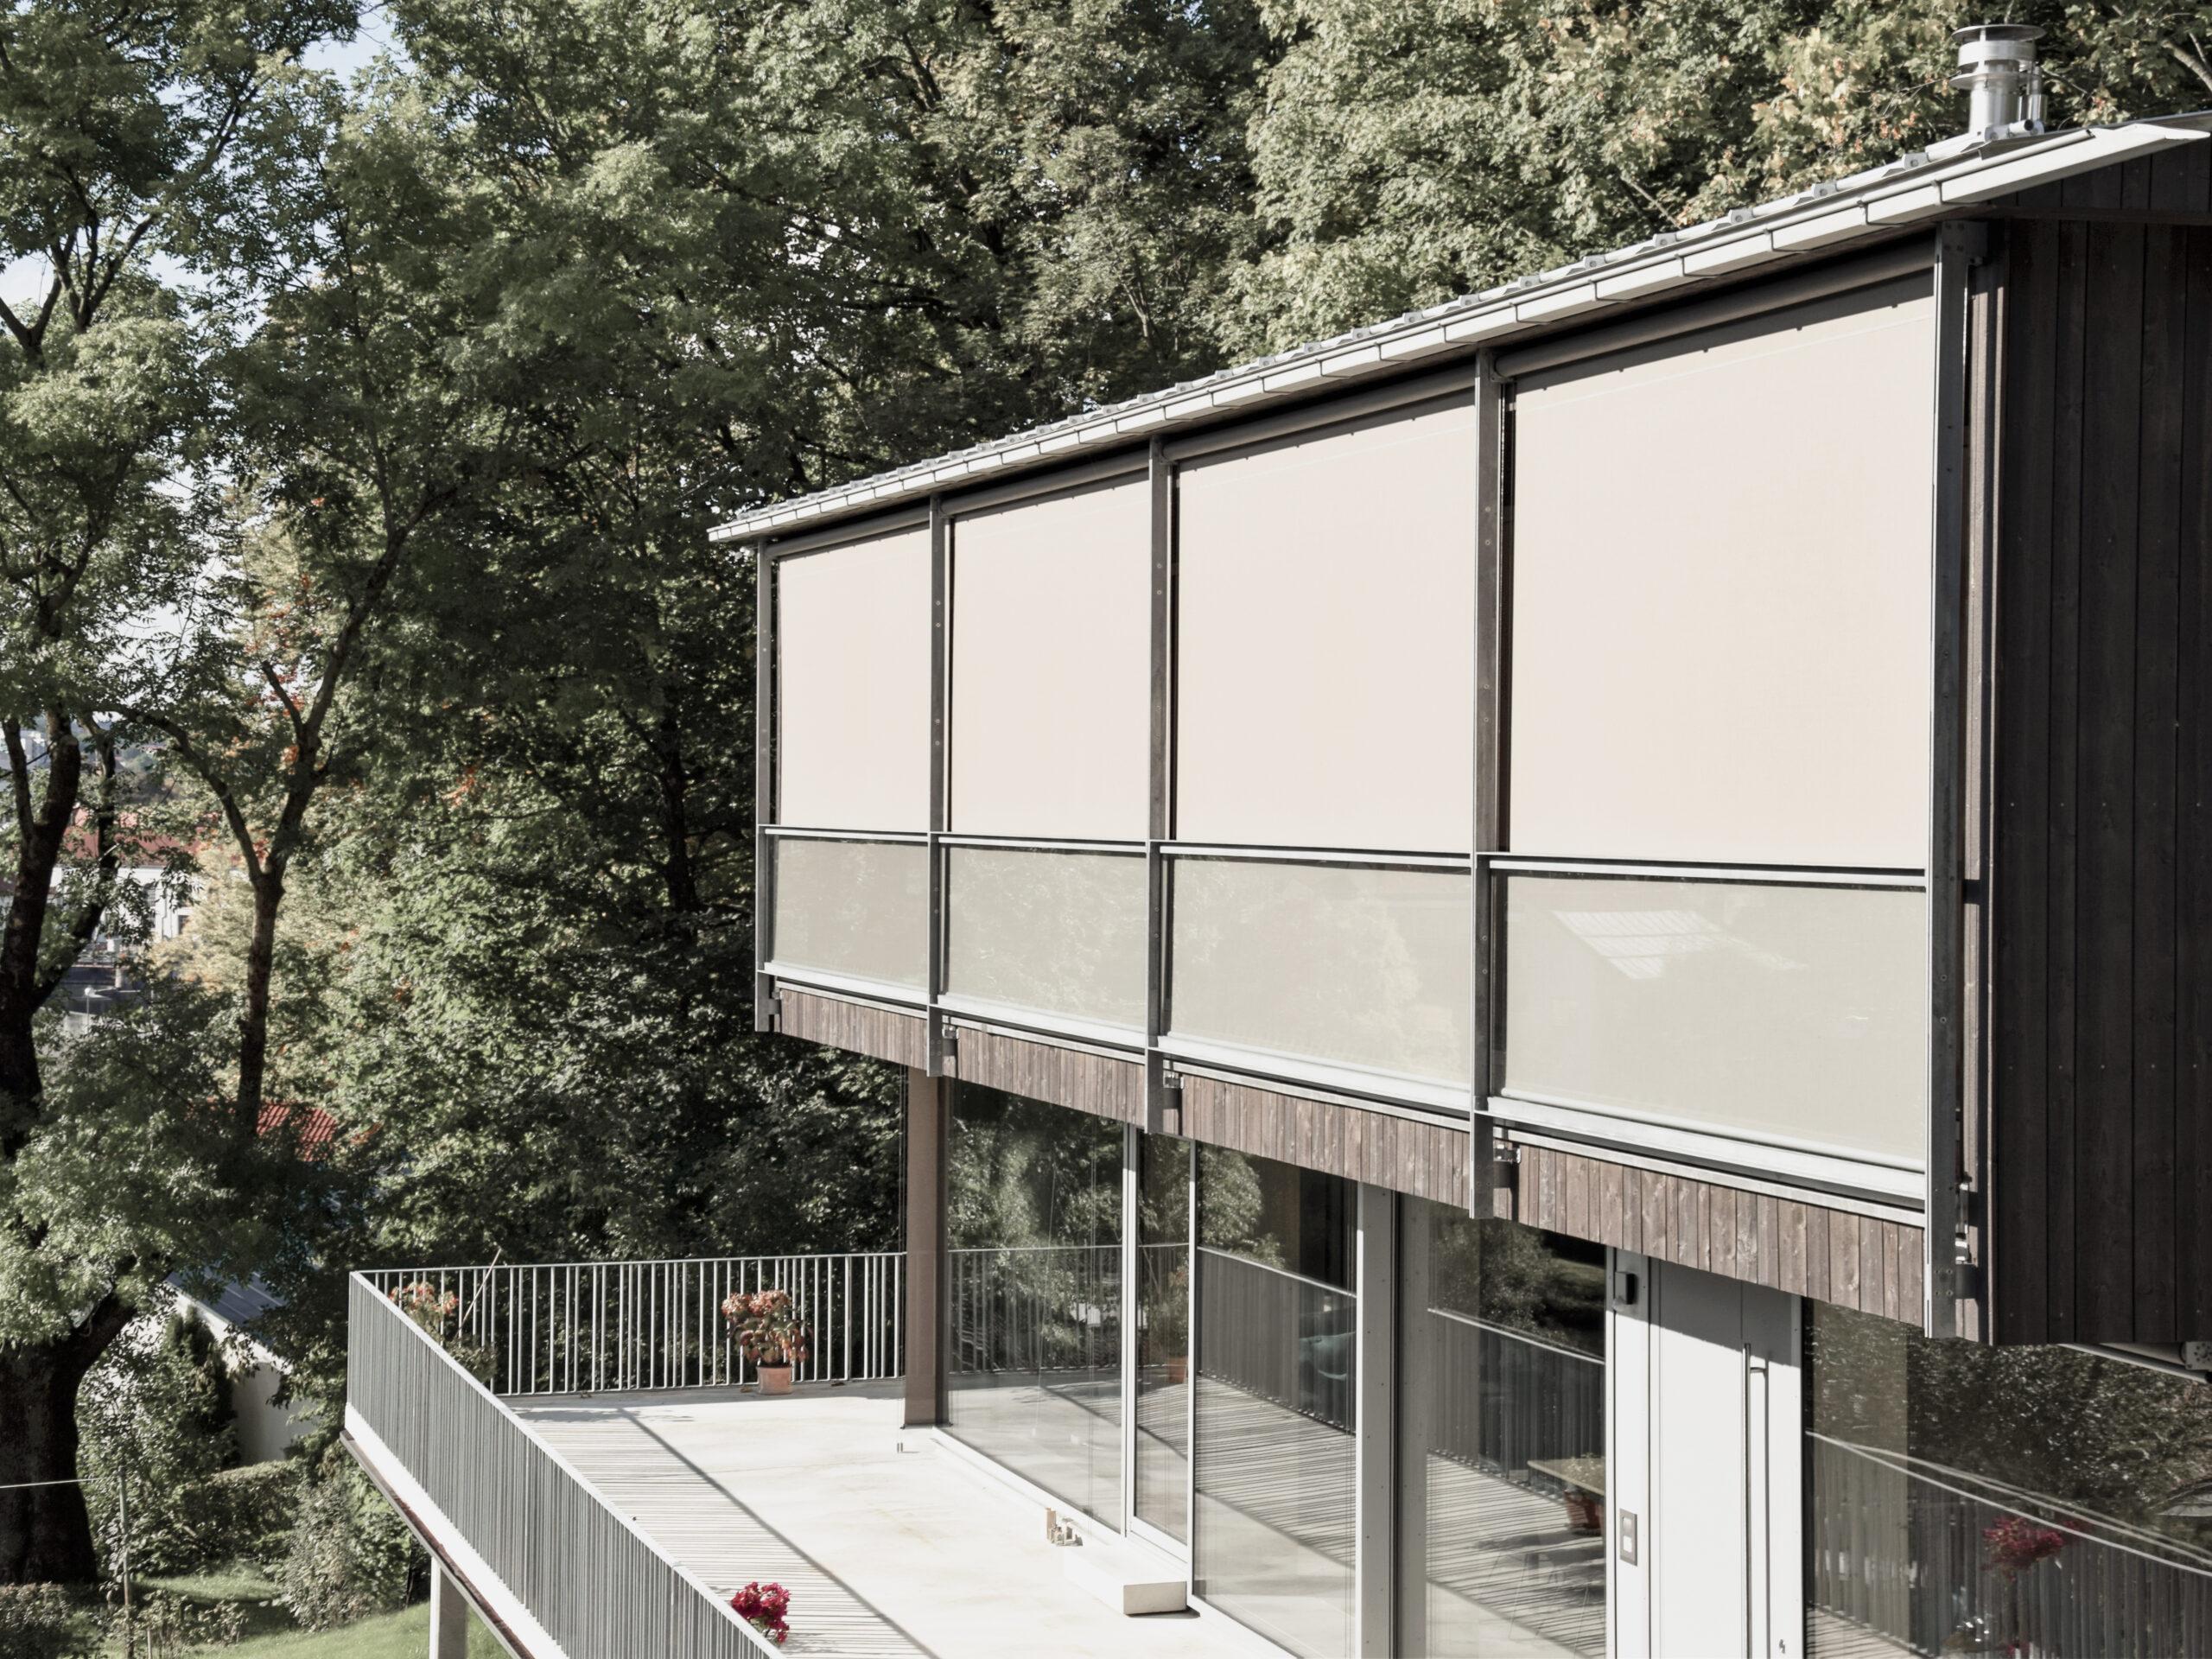 Michael-Becker-Architects-Architekten-Haus-sf-01